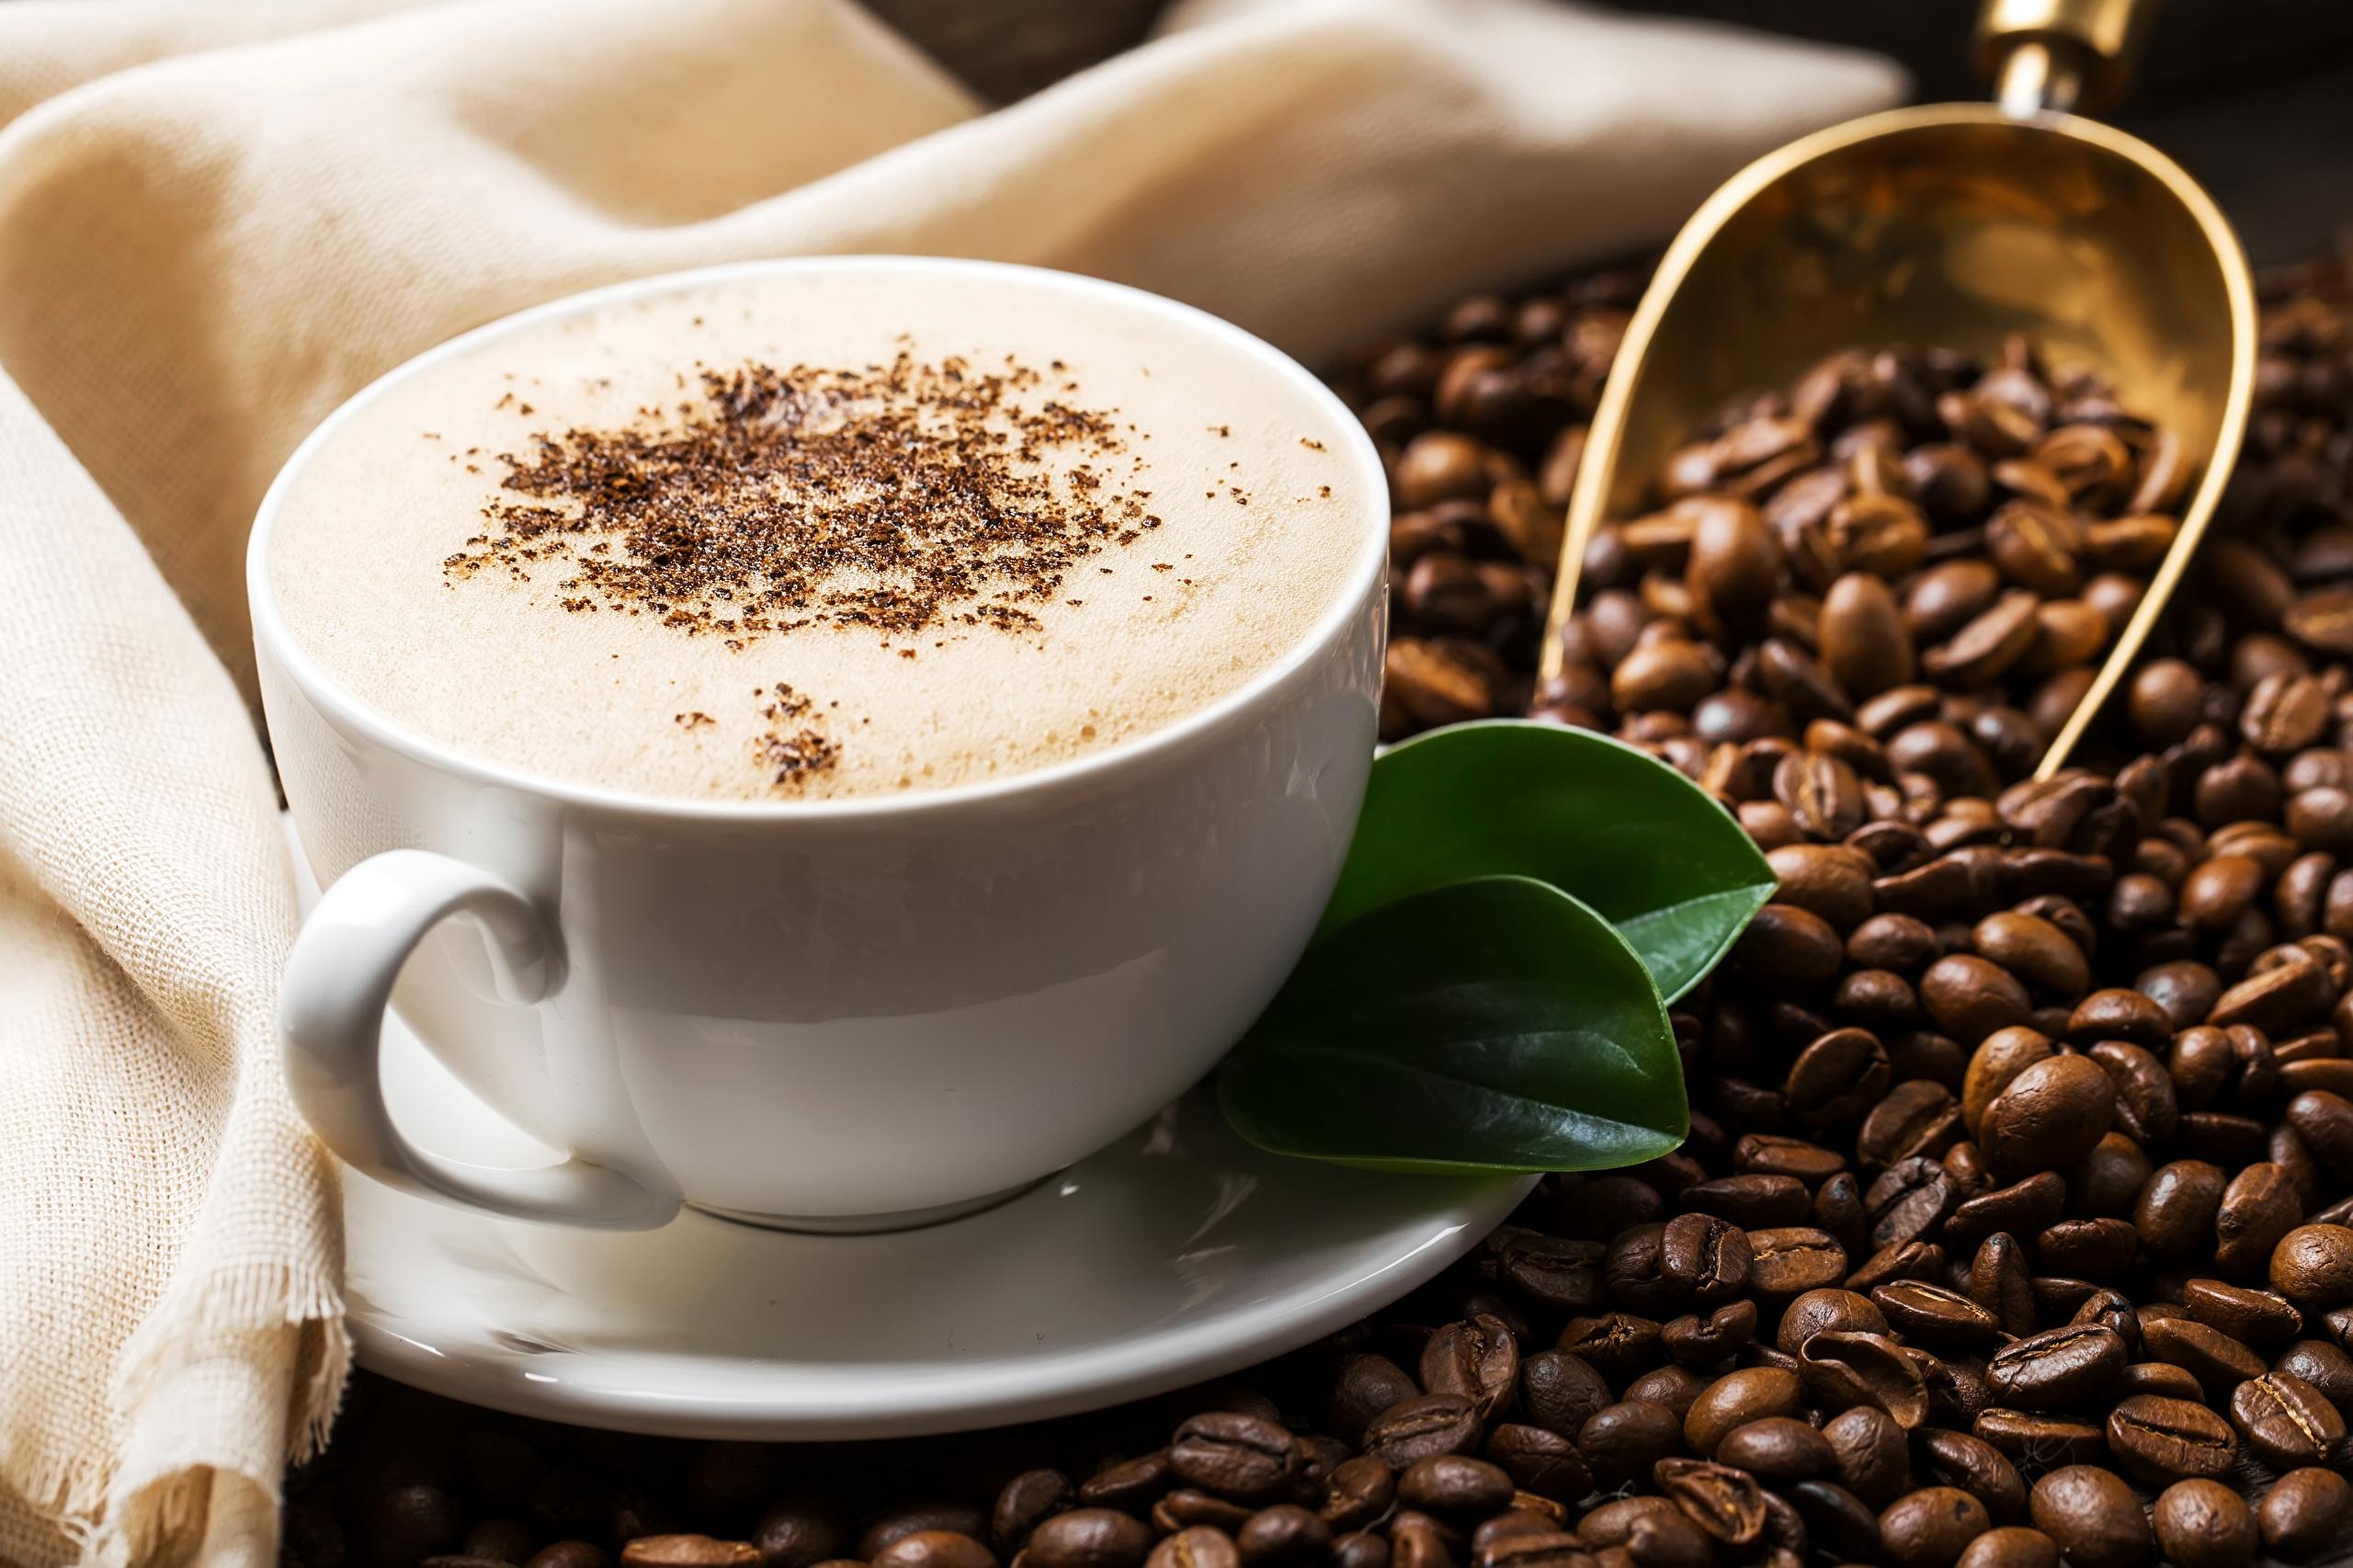 مميزات حلقة تجميع القهوة